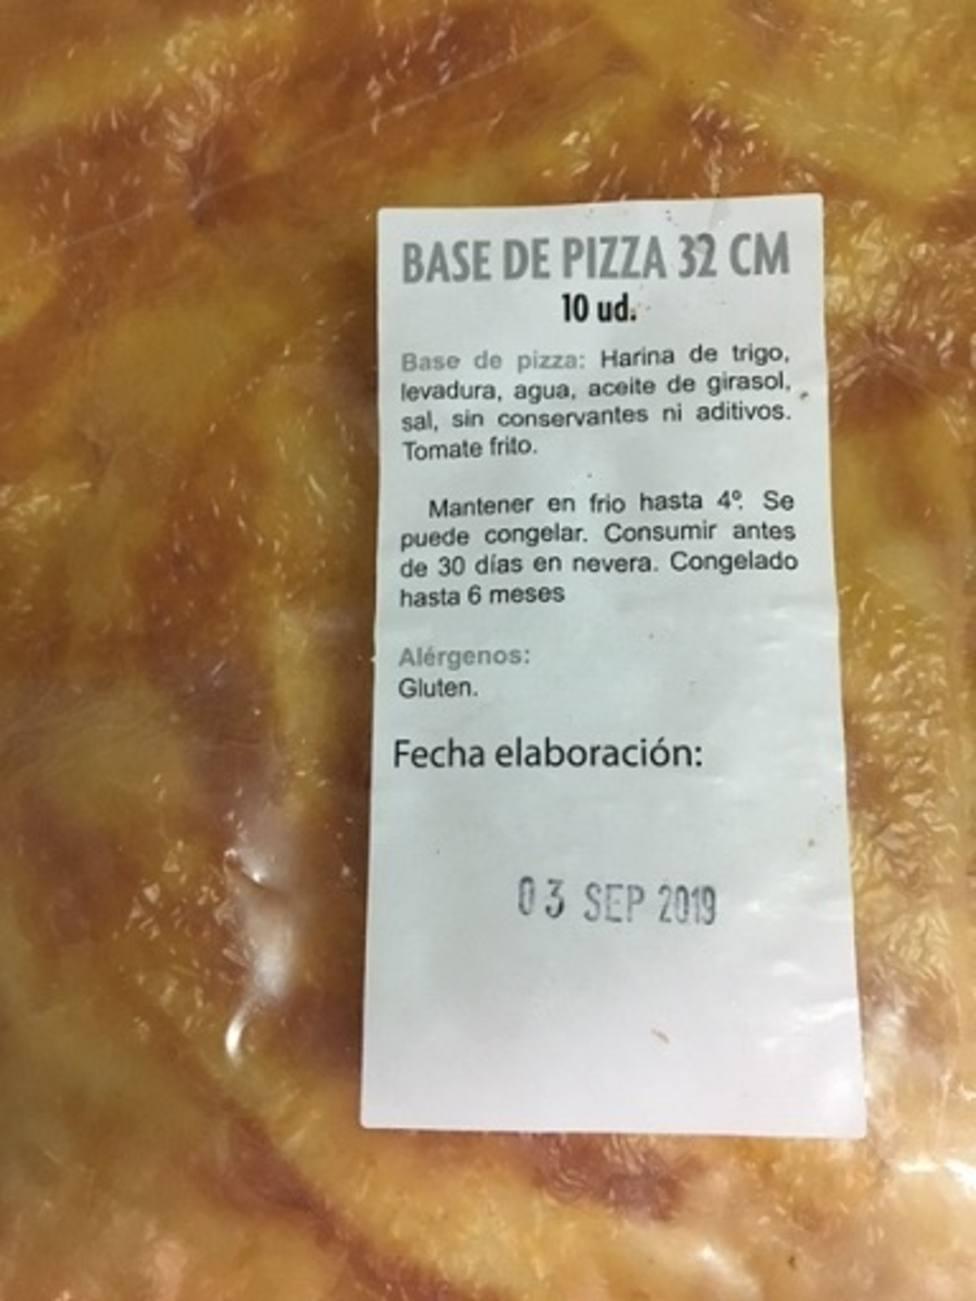 Sanidad retira del mercado las bases y pizzas de la empresa pizzaragon por no garantizar la seguridad alimentaria